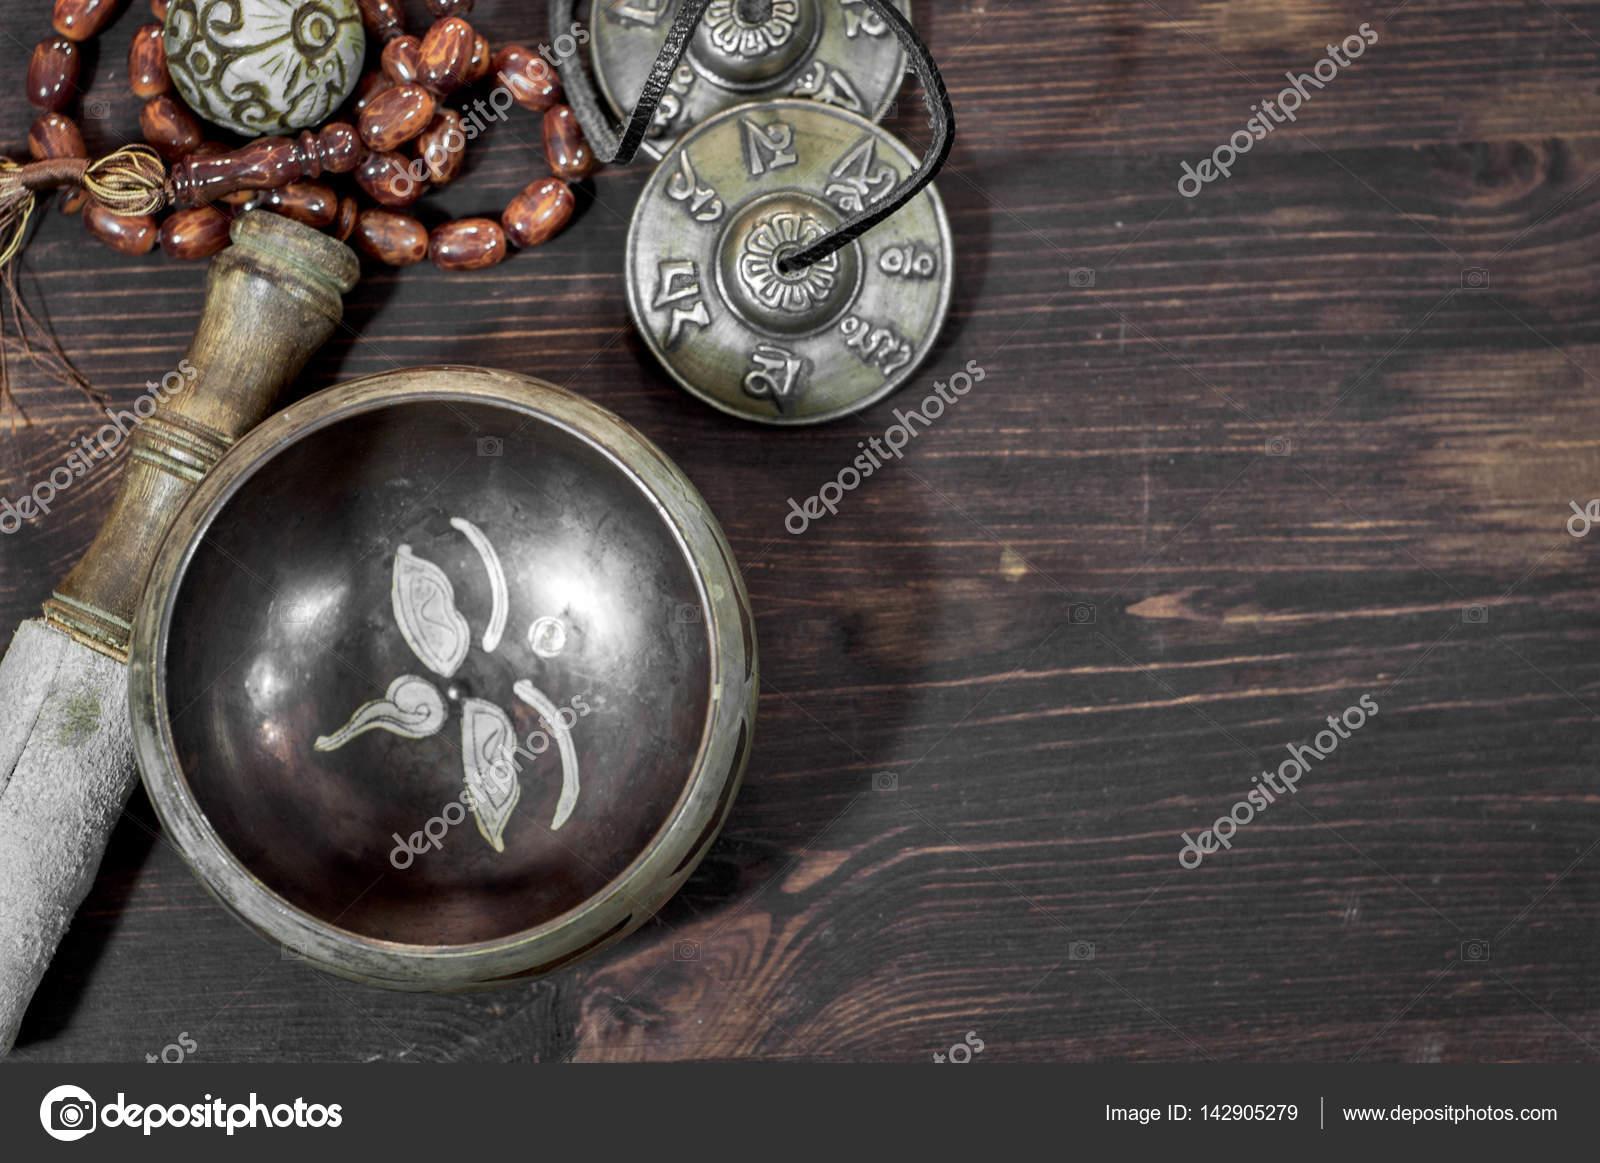 поющие медные чаши на коричневый деревянные поверхности